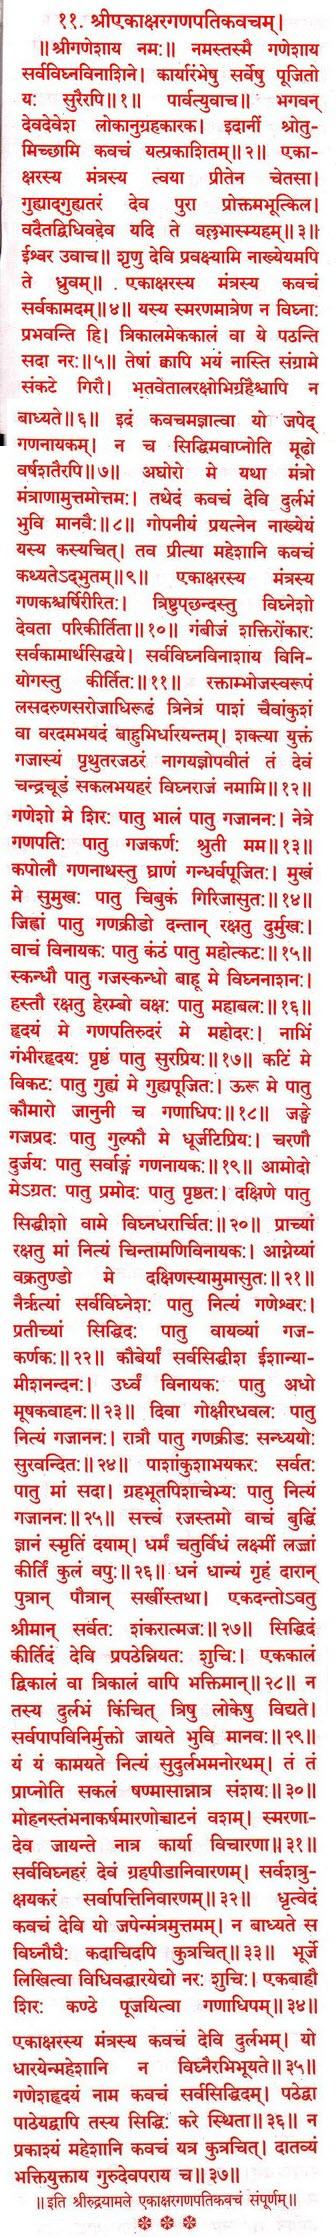 011 - Rudrayamal Ekakshar Ganapati Kavach